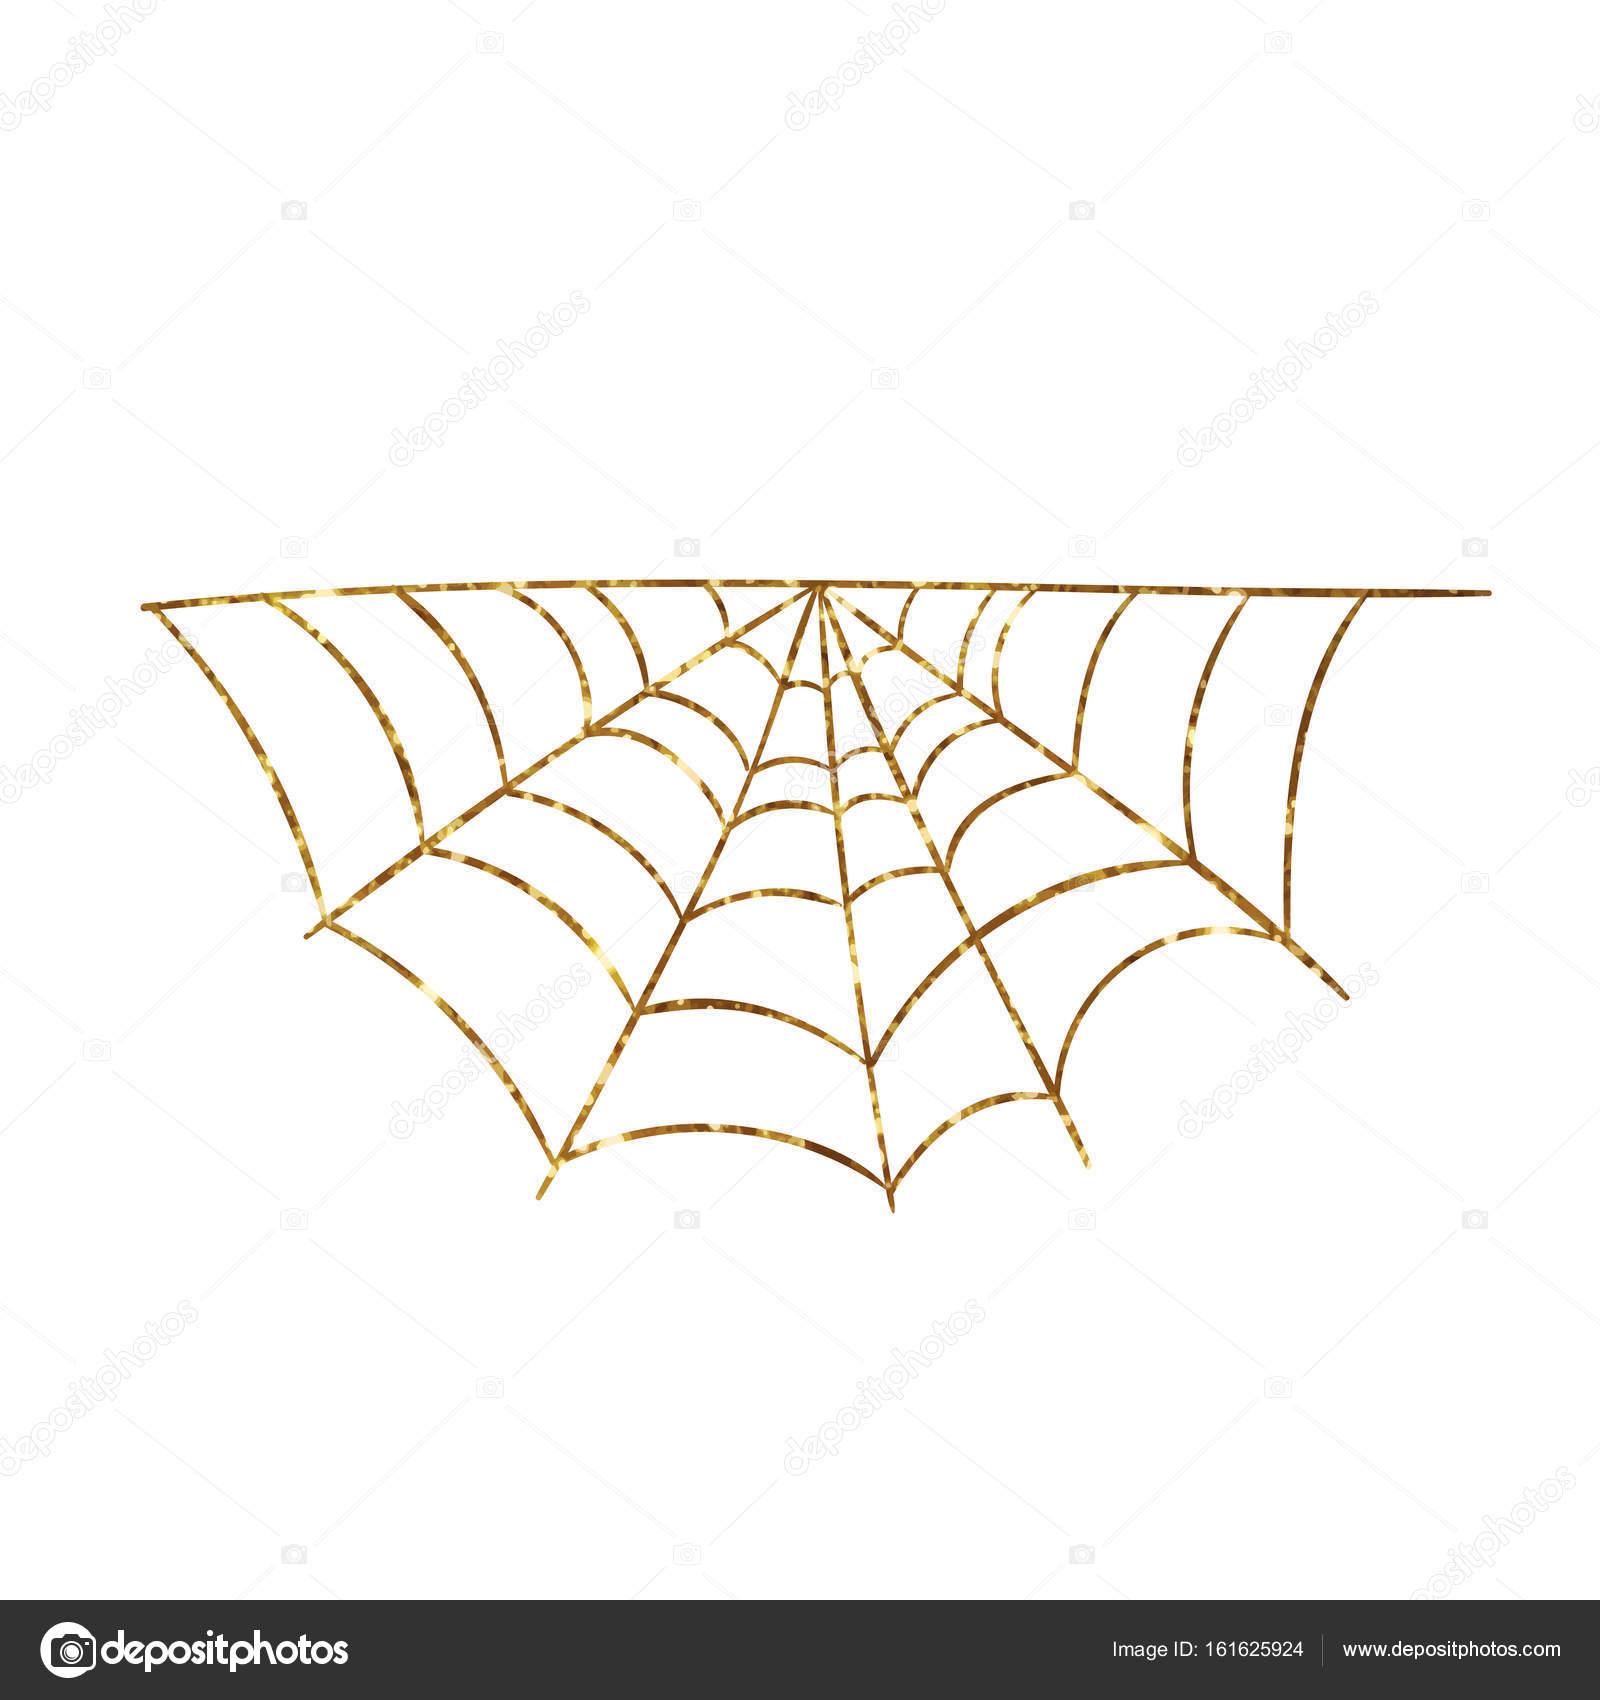 Golden glitter silhouette Halloween holiday spyder web flat